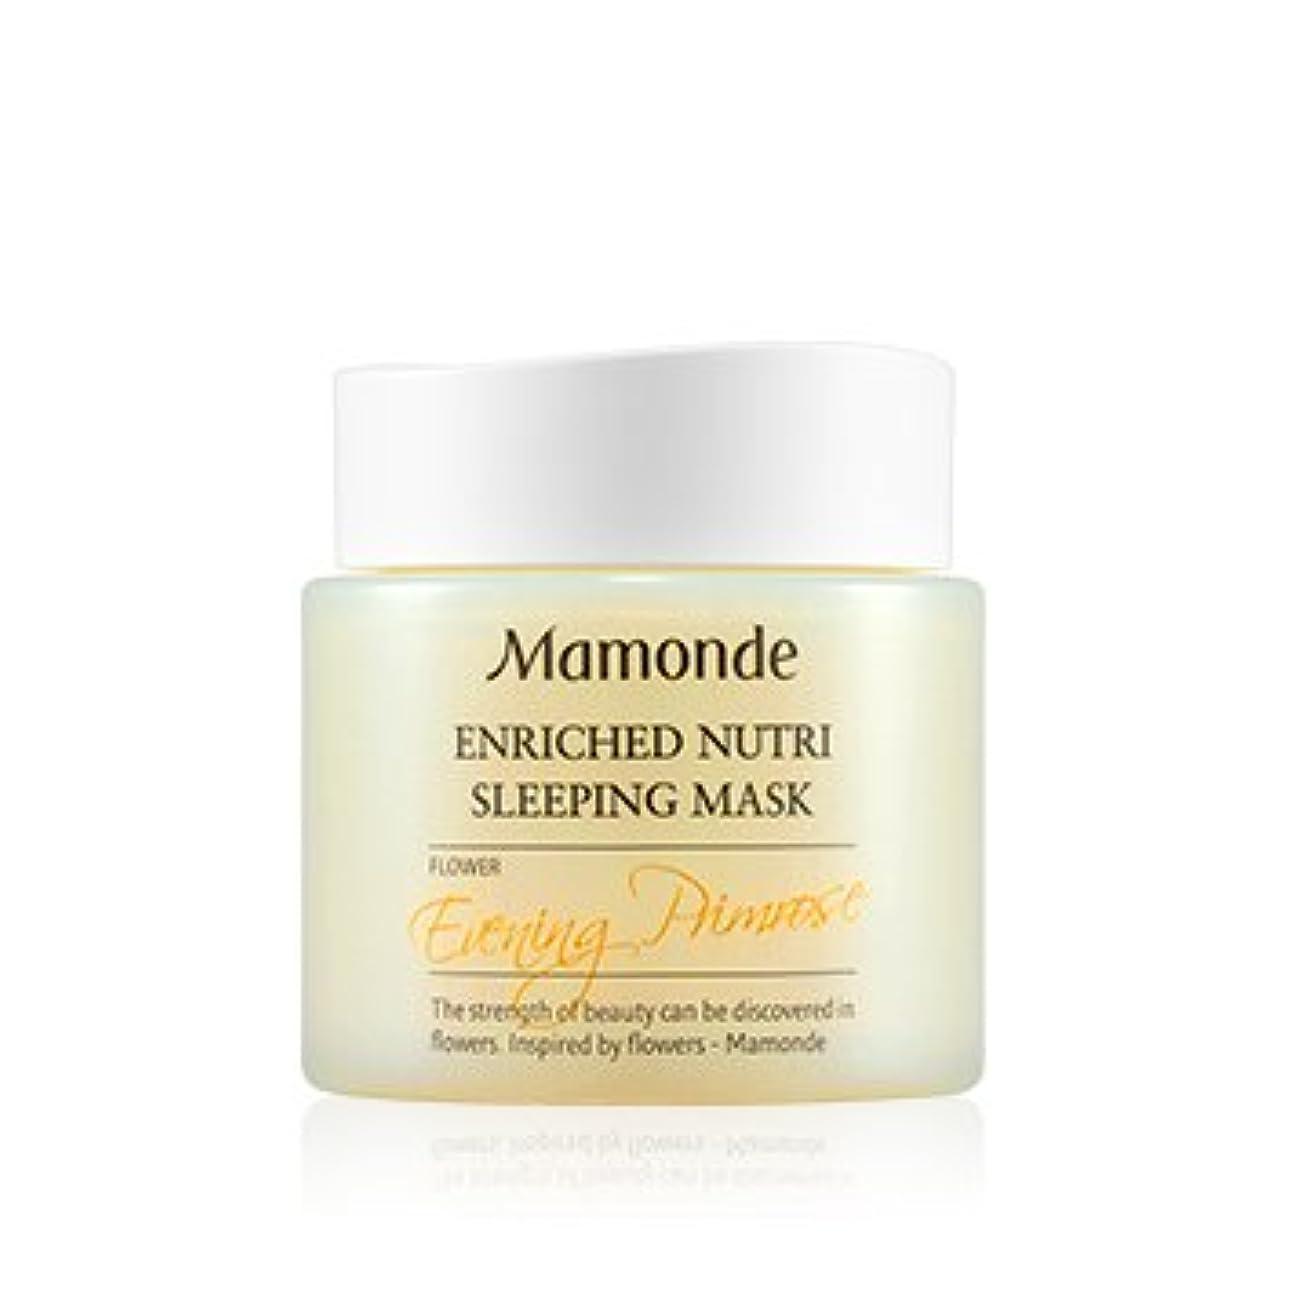 すなわち聞きますつば[New] Mamonde Enriched Nutri Sleeping Mask 100ml/マモンド エンリッチド ニュートリ スリーピング マスク 100ml [並行輸入品]